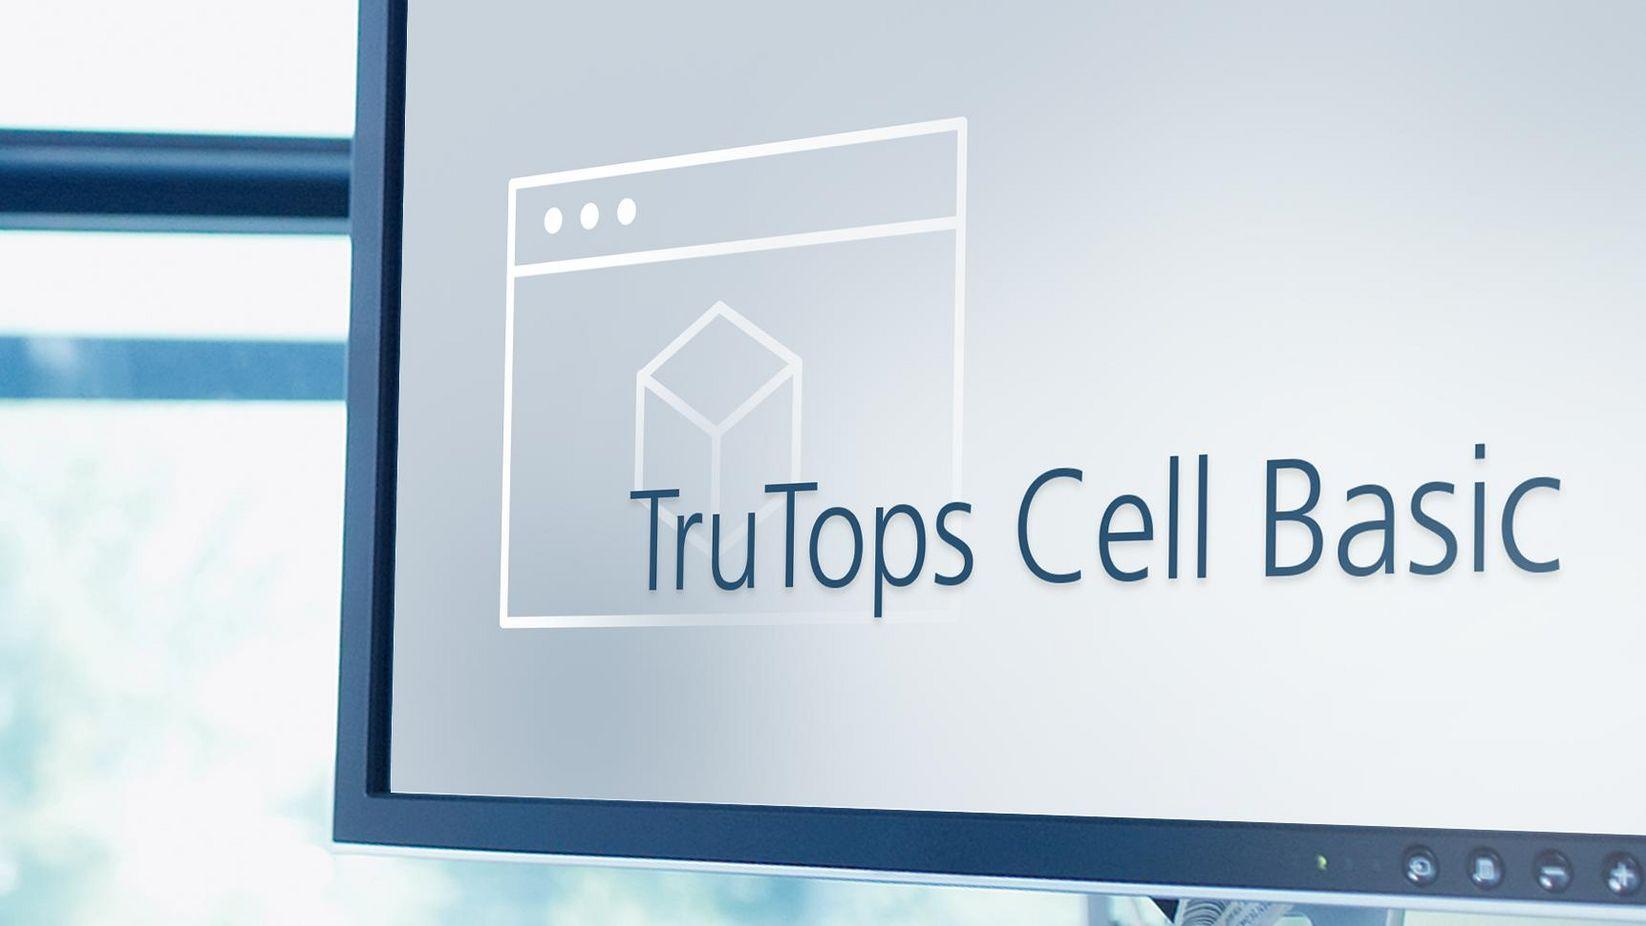 TruTops Cell Basic